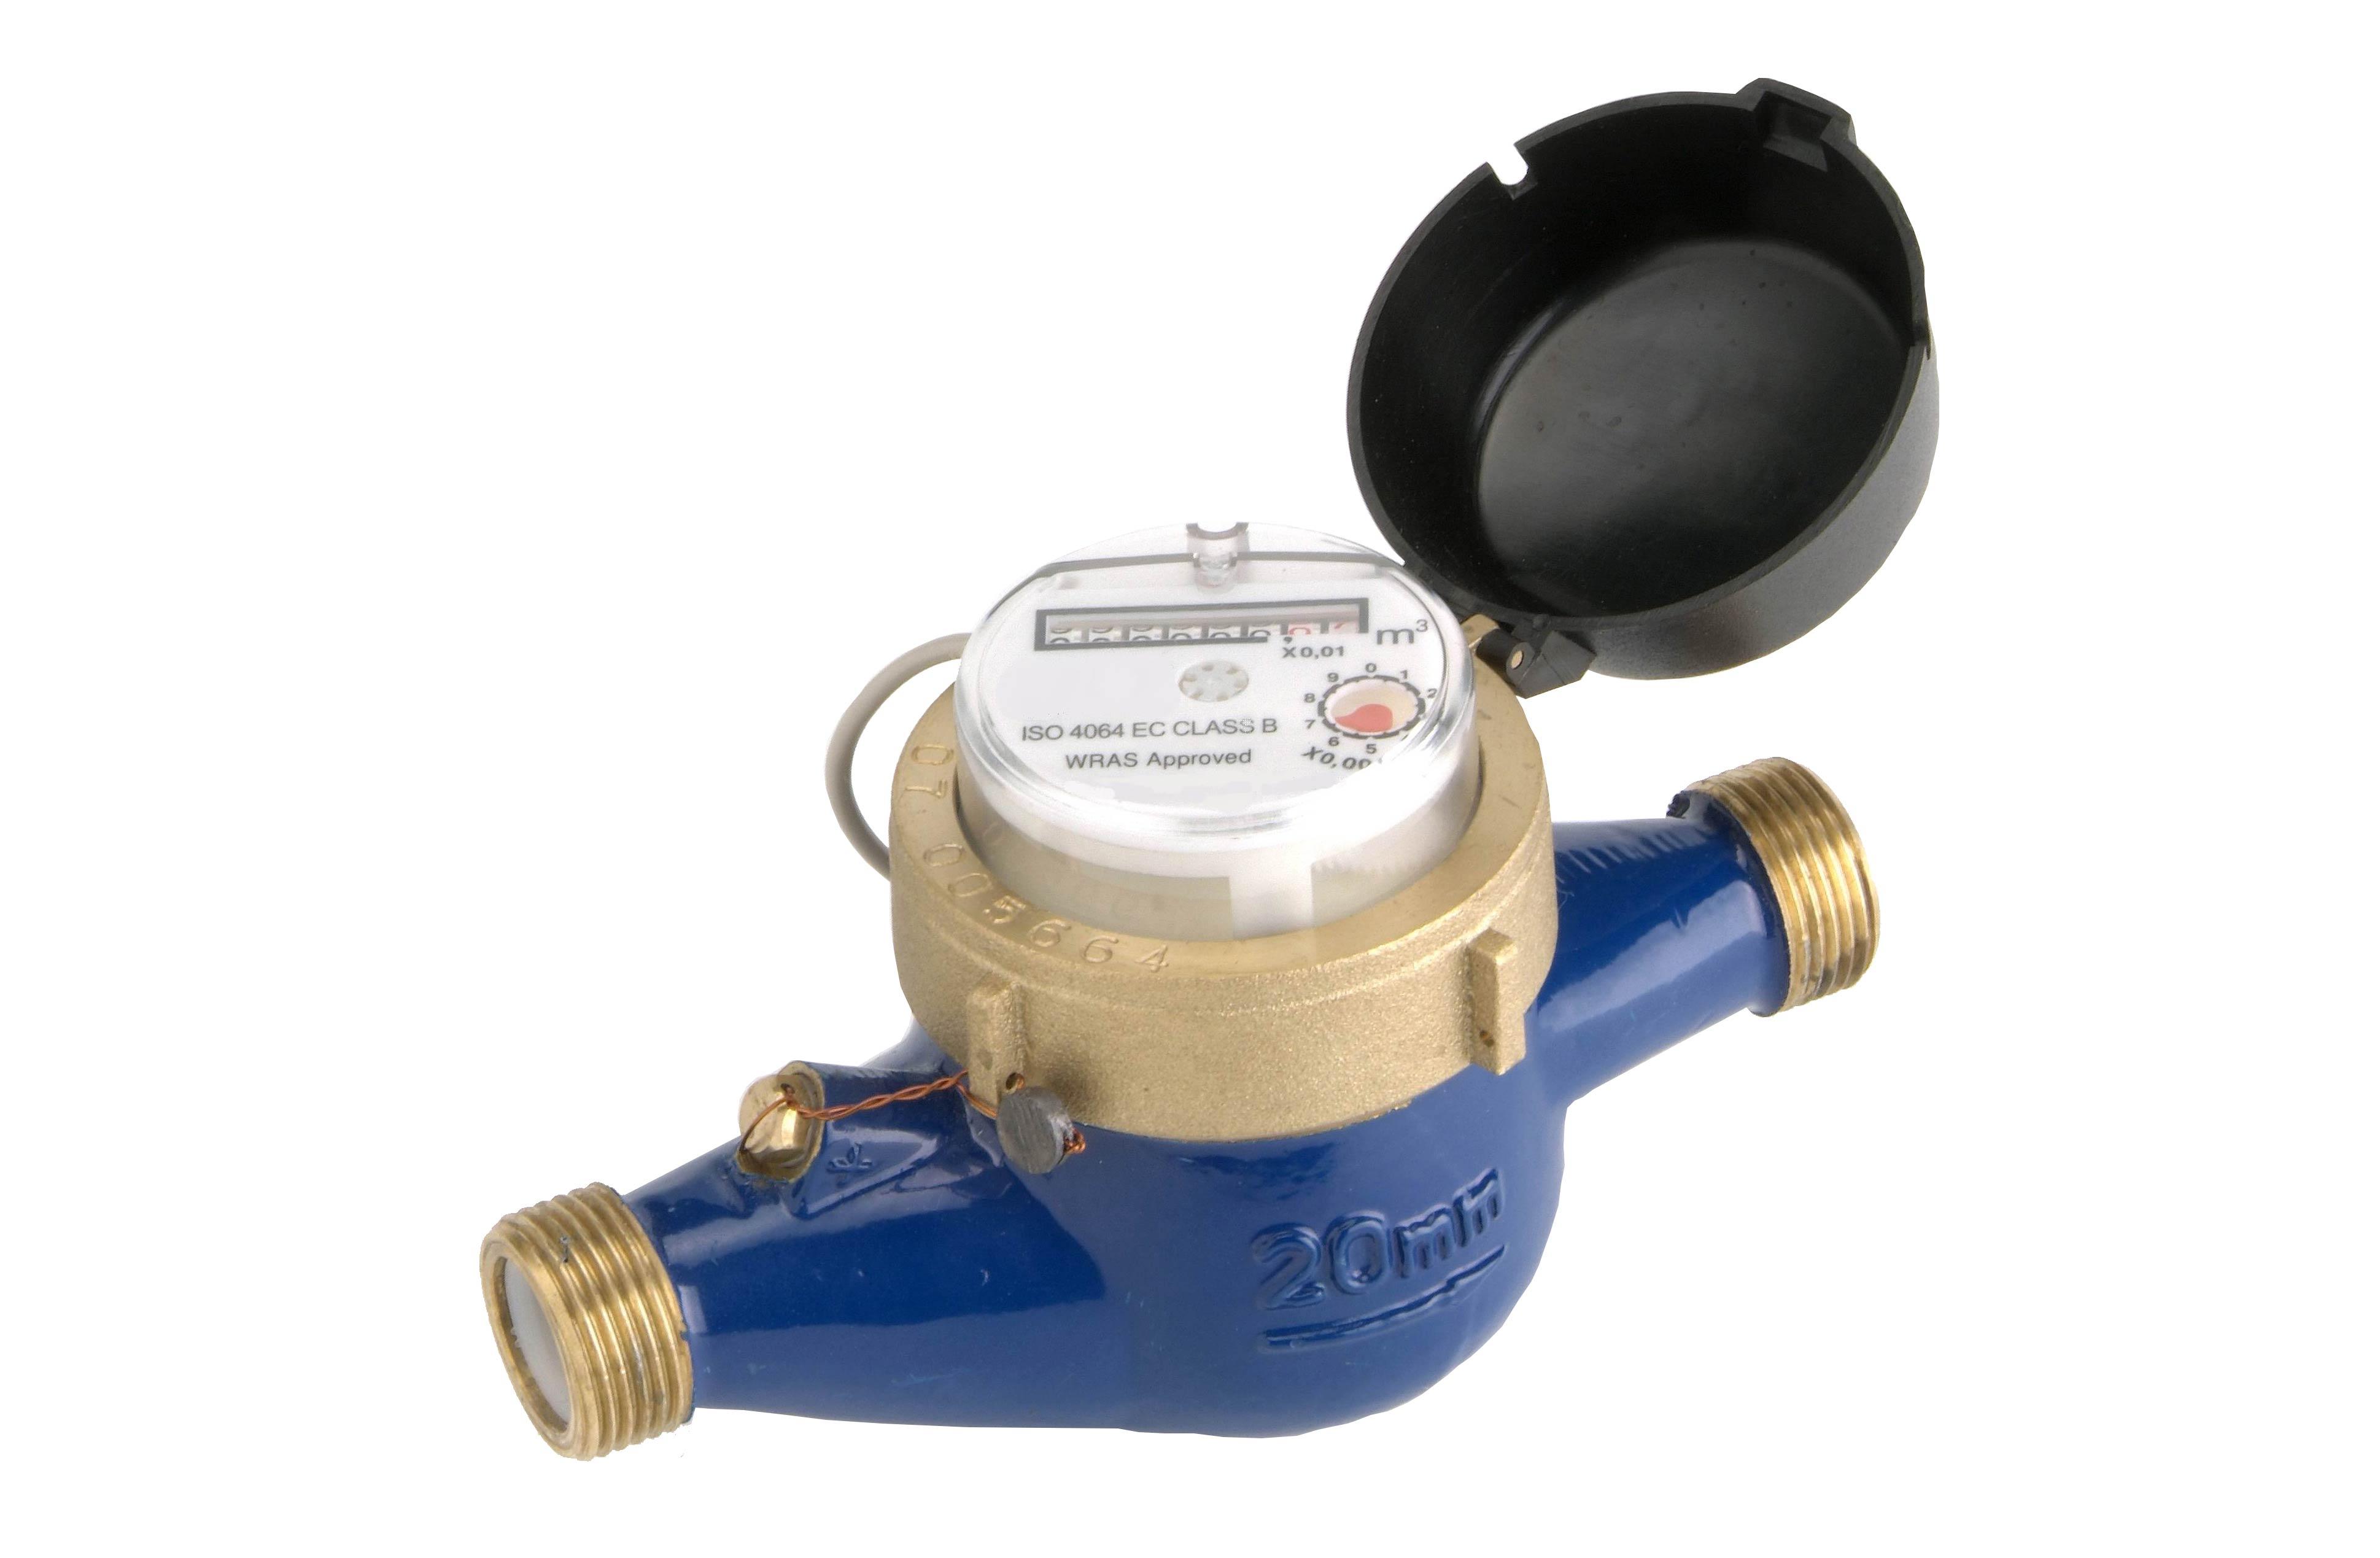 MultiJet turbine flow Meter with open cap